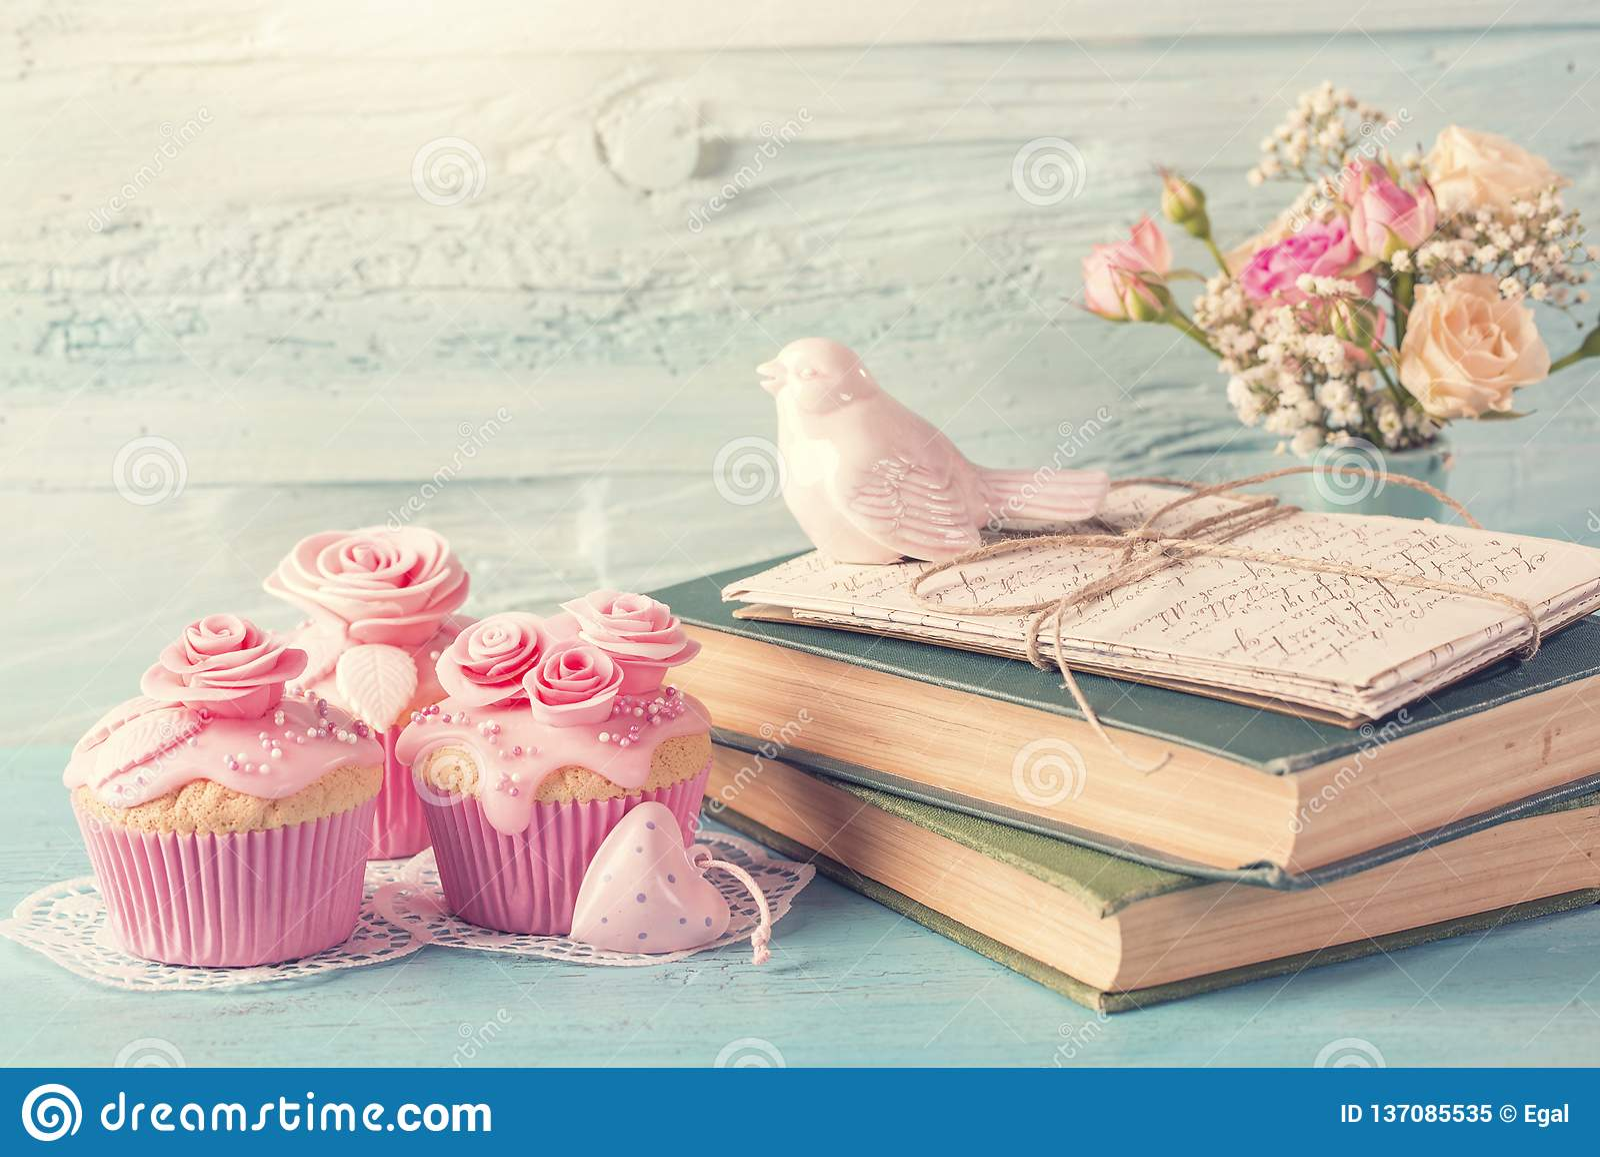 Cupcakes met roze bloemen